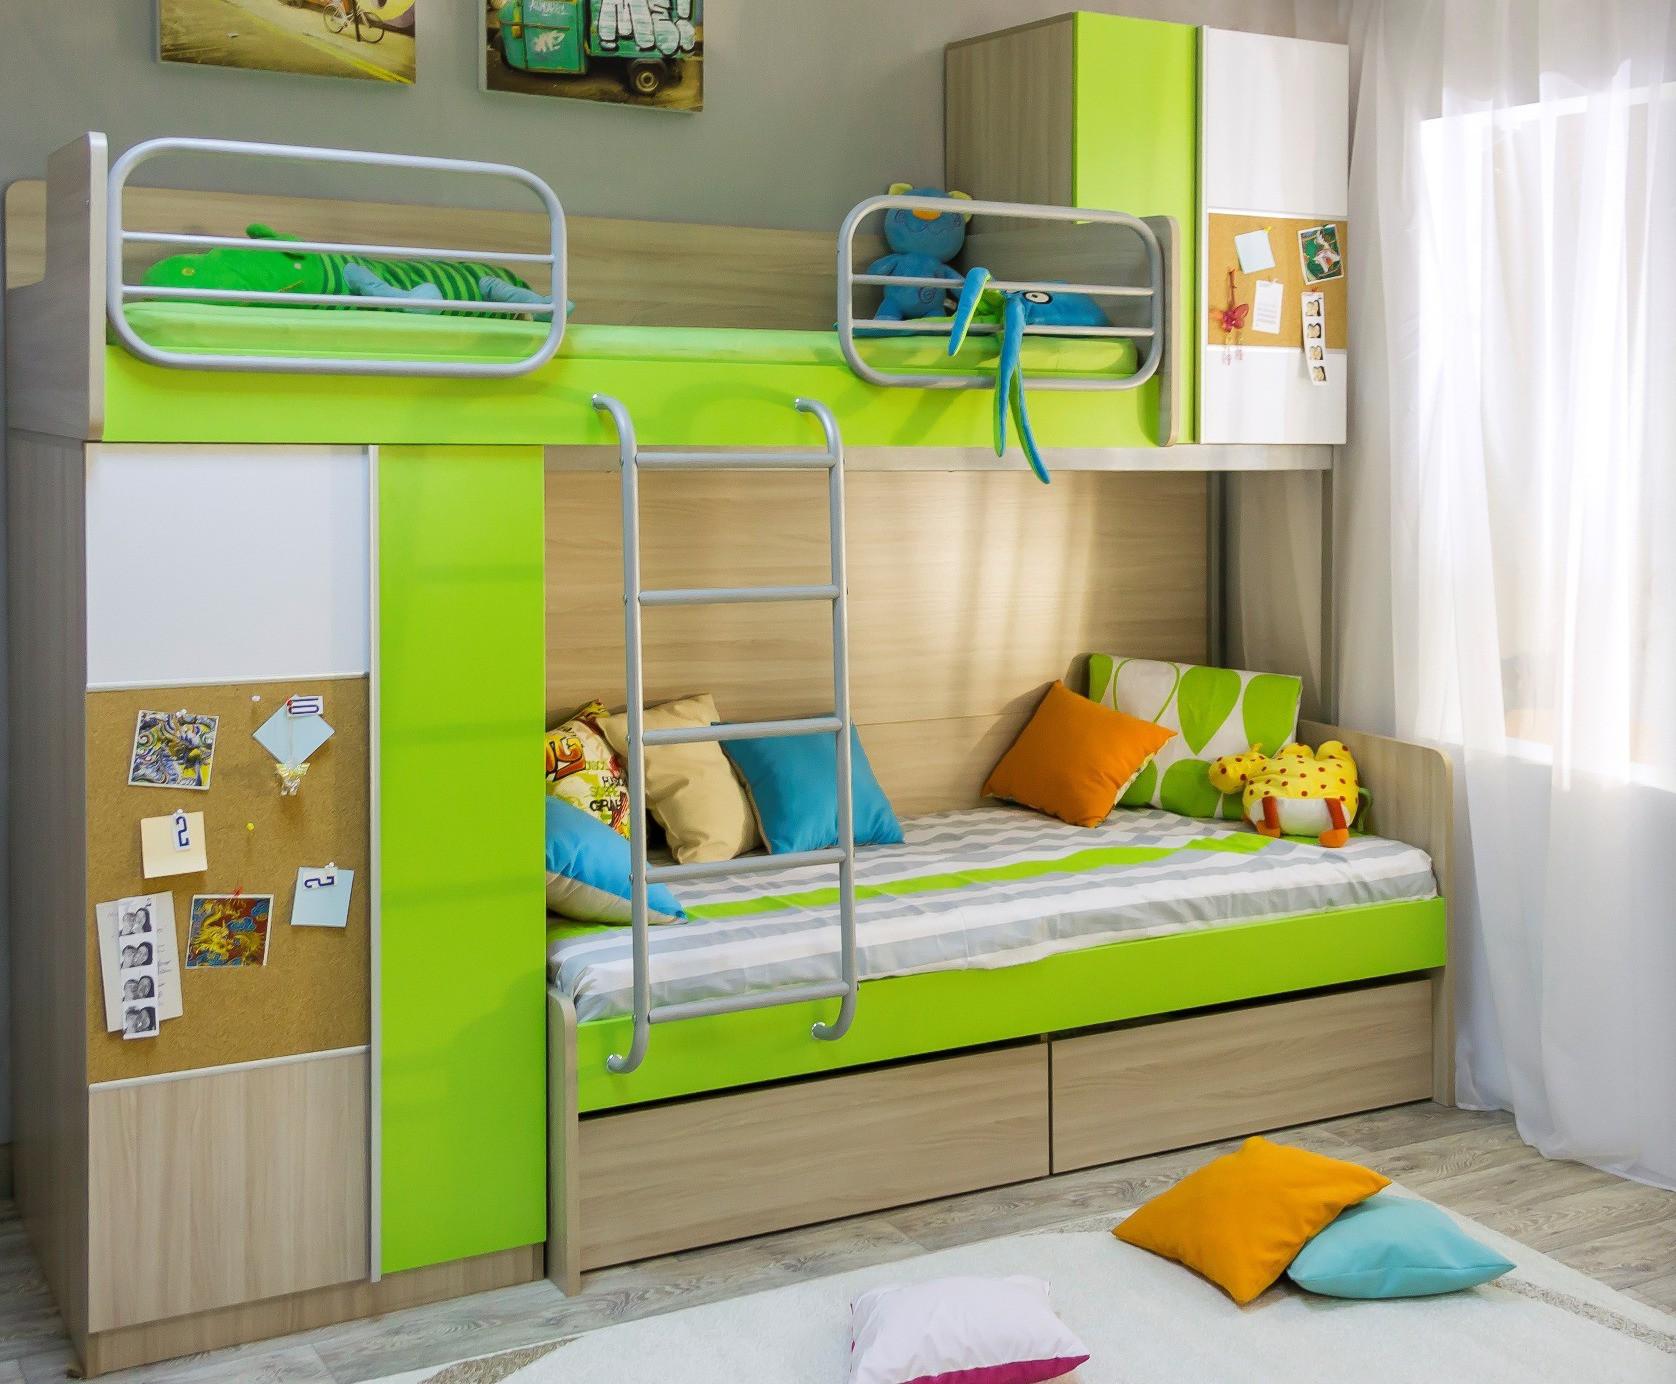 Детская двухъярусная кровать со шкафом